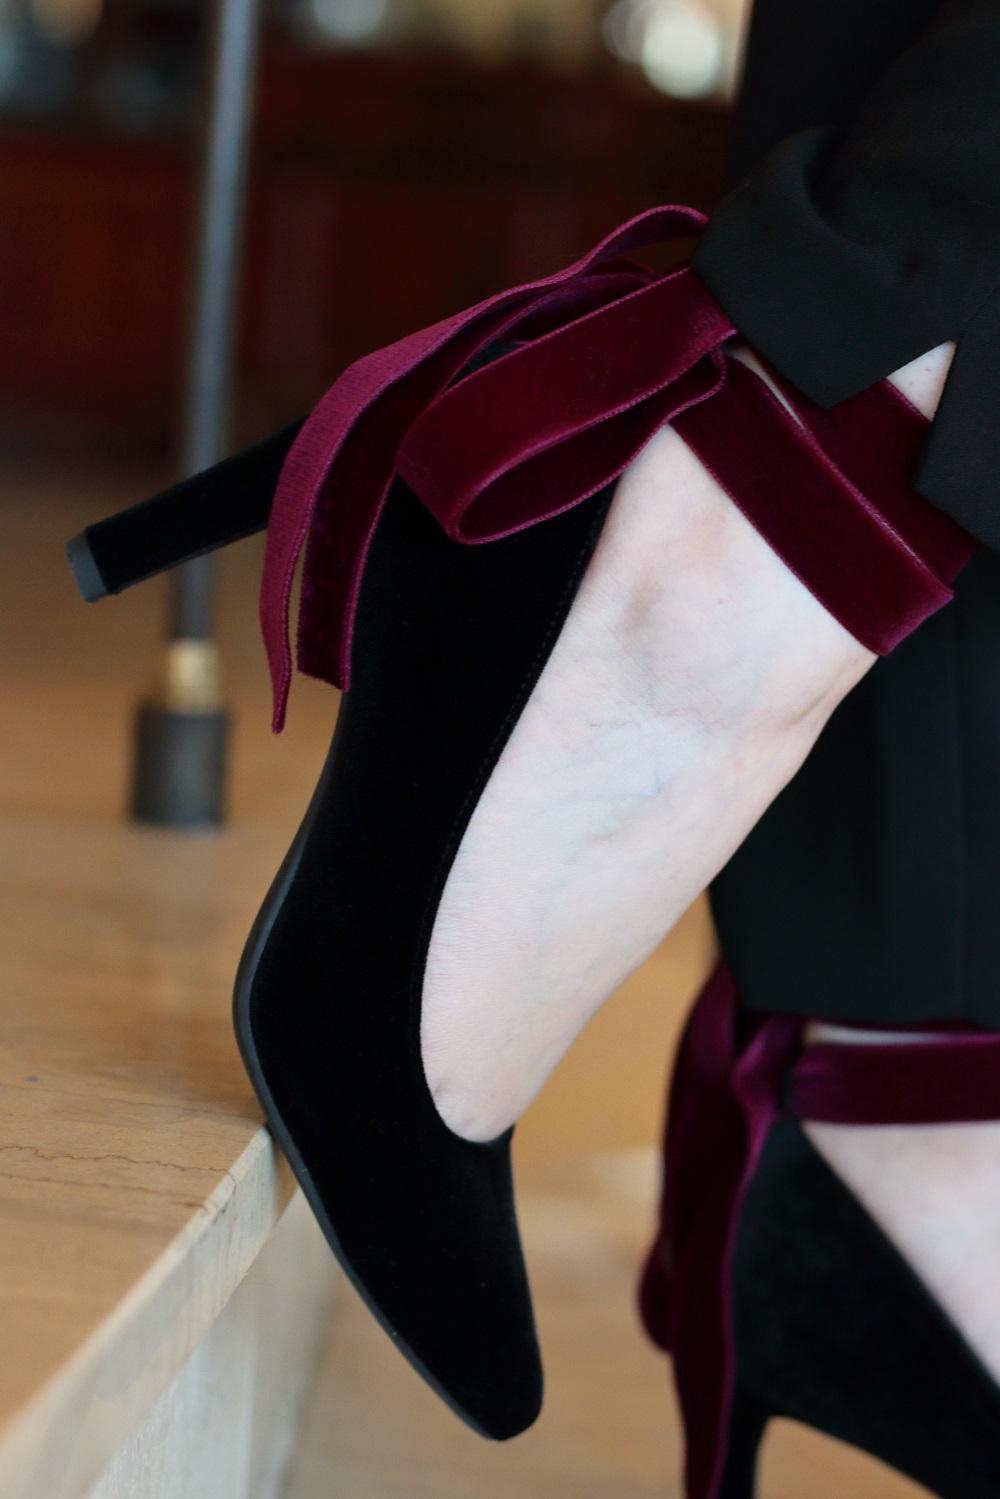 [Anzeige] Mein Heiligabend-Look mit Eterna & Giveaway zum 4. Advent - DIY-Designerschuhe - Samtschuhe mit Schleife